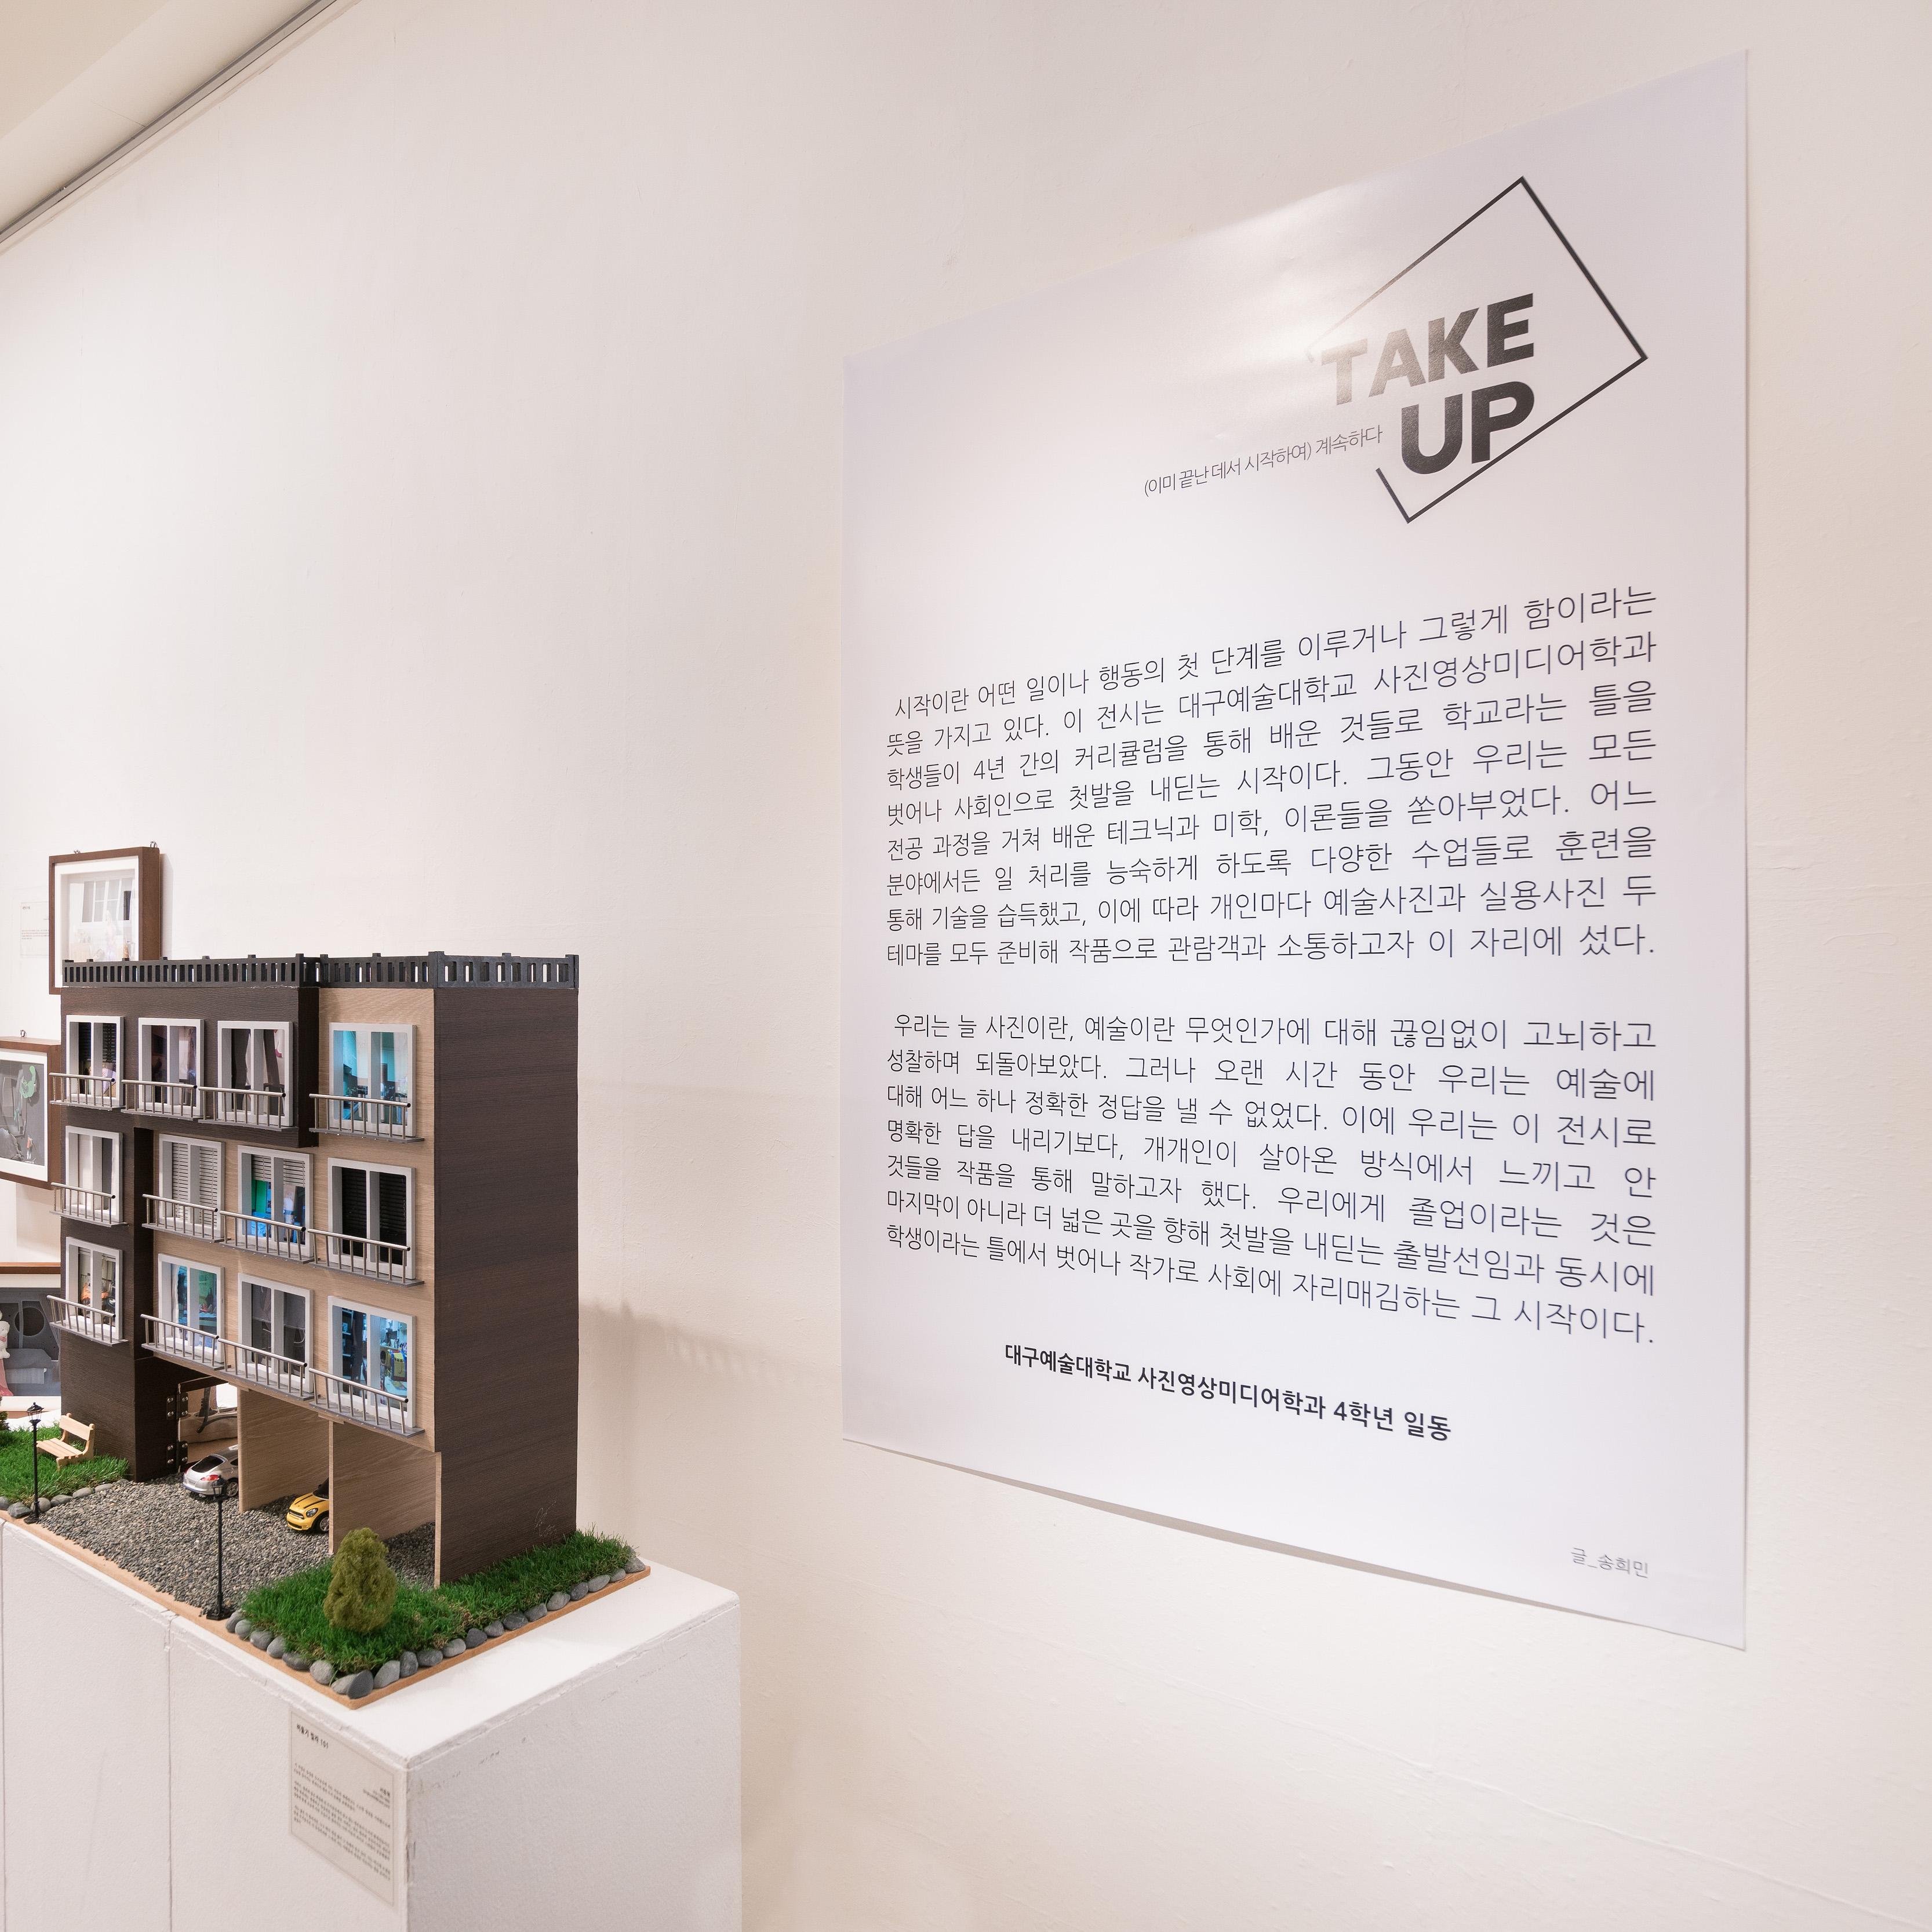 서울 아리수 갤러리 1층 내부